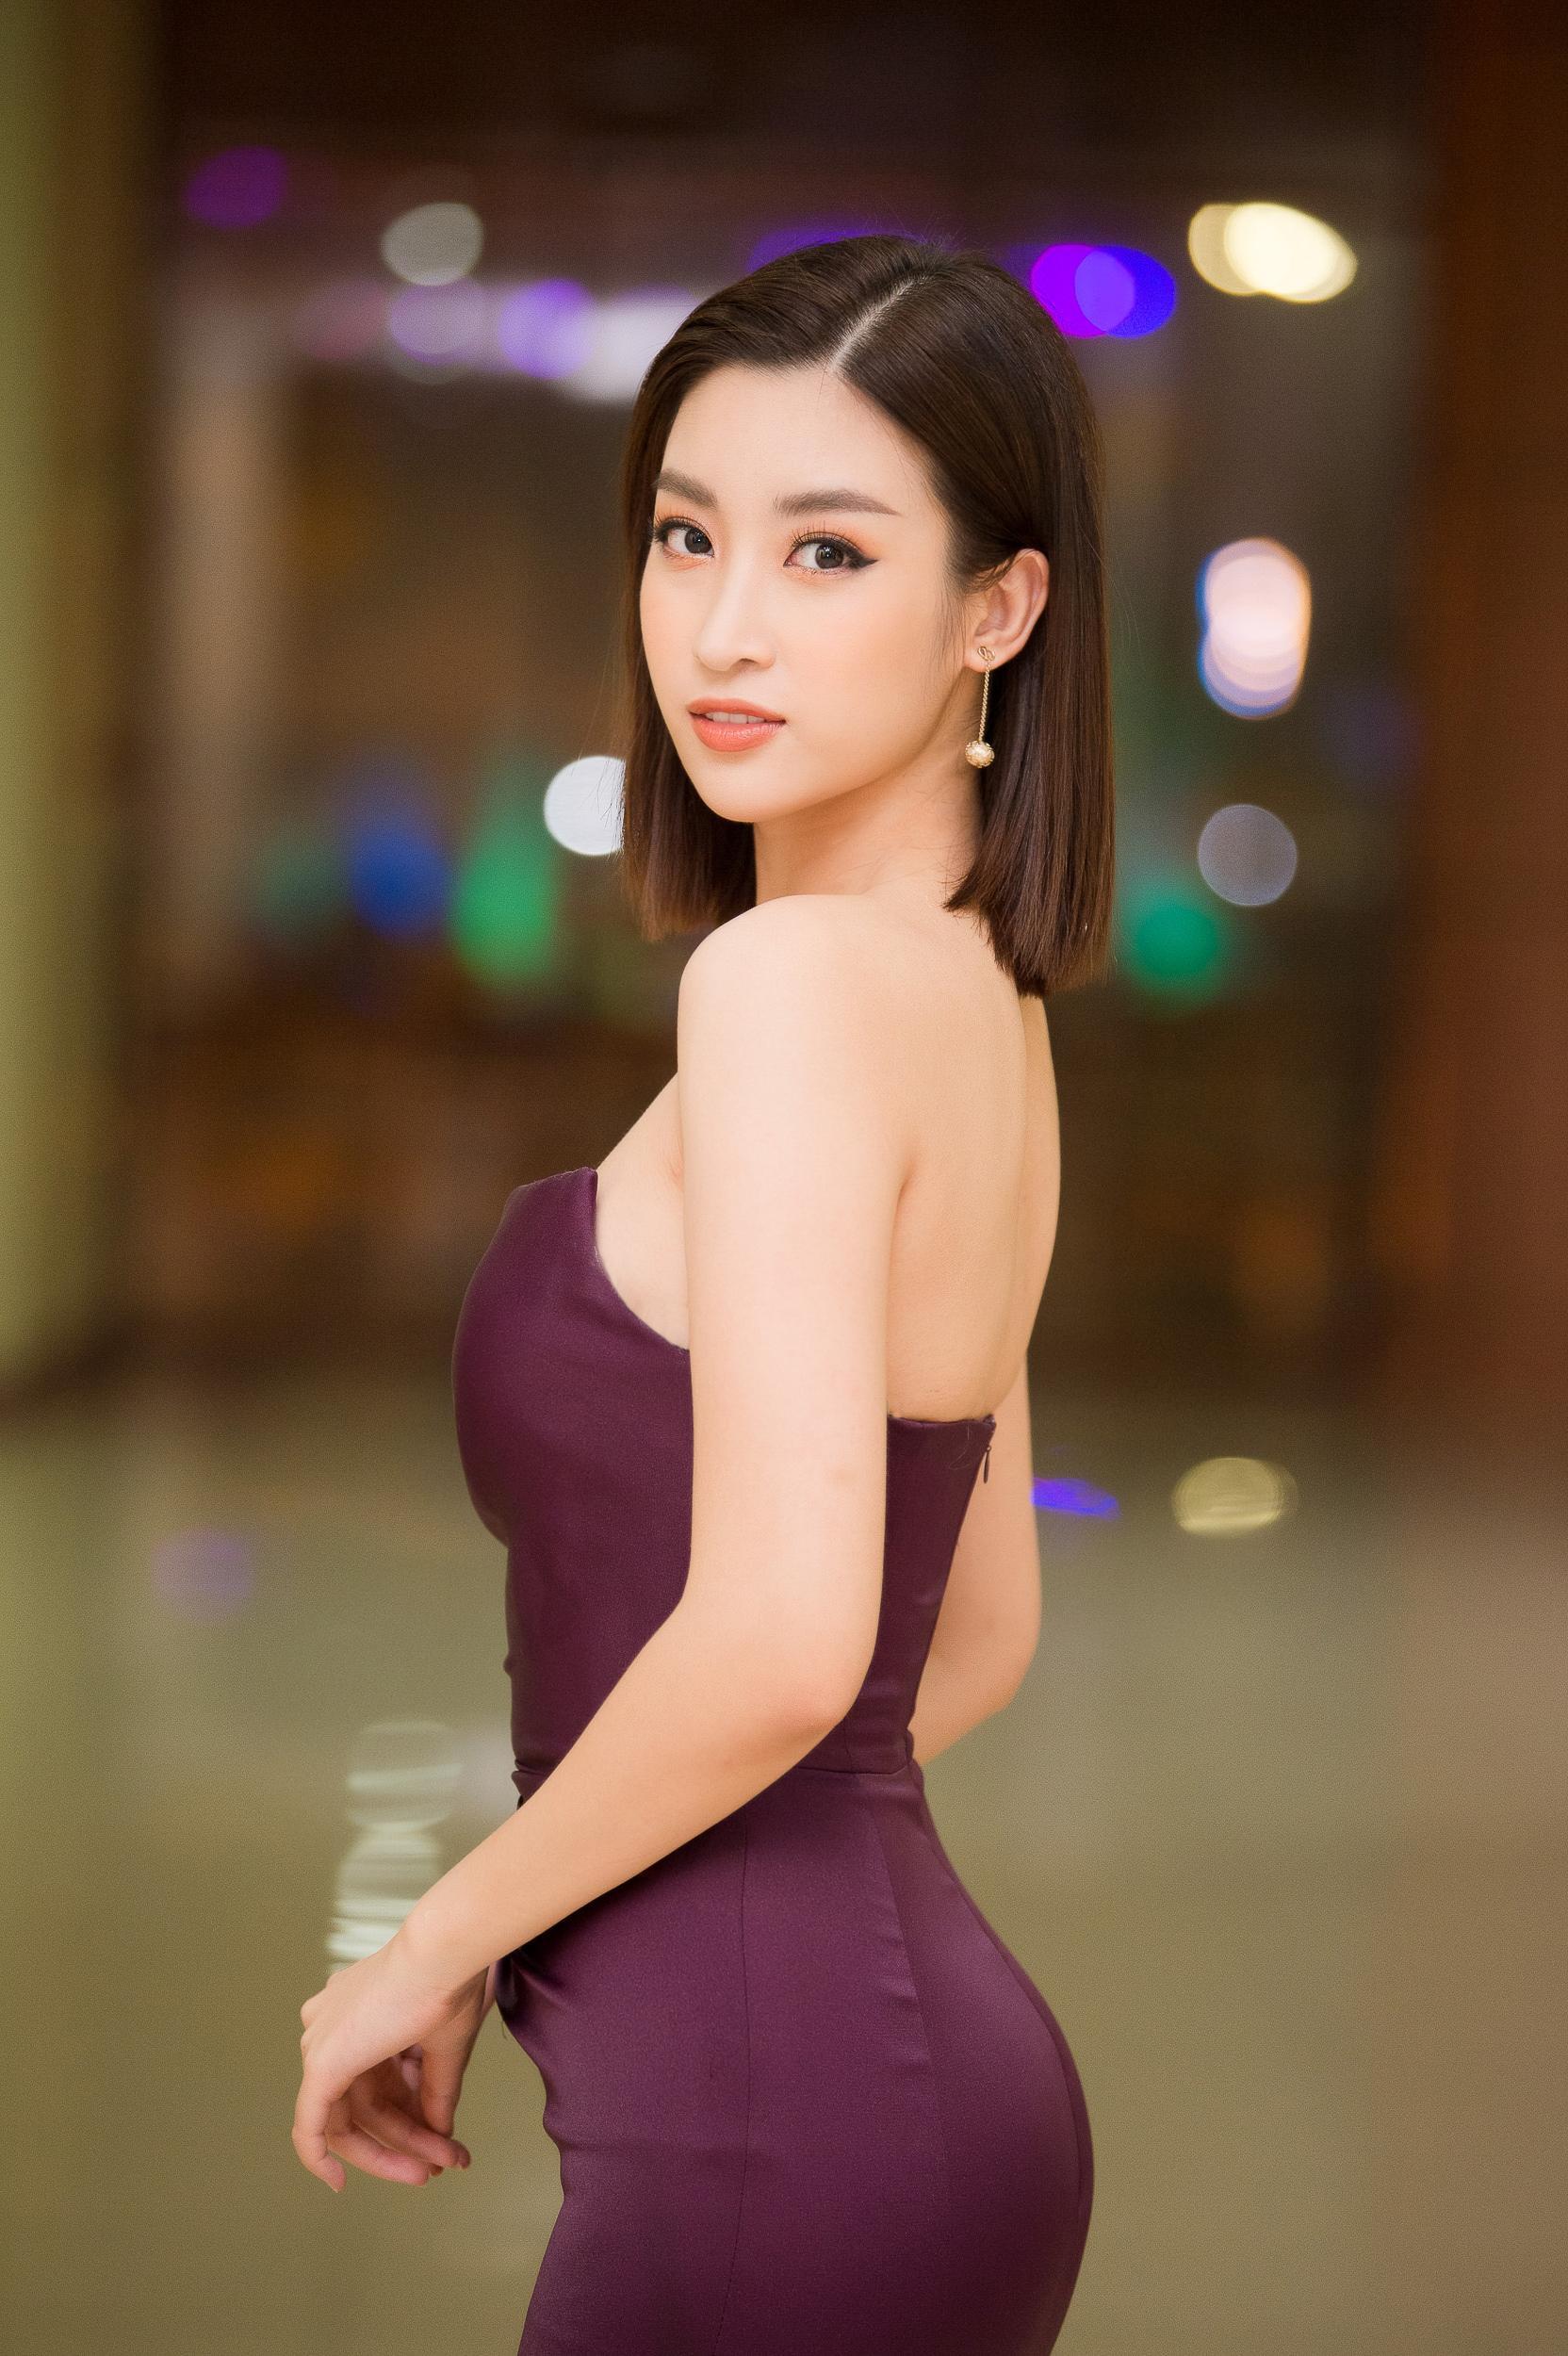 Hoa hậu Đỗ Mỹ Linh mê hoặc mọi ánh nhìn nhờ body như nữ thần và nhan sắc tinh khiết Ảnh 5